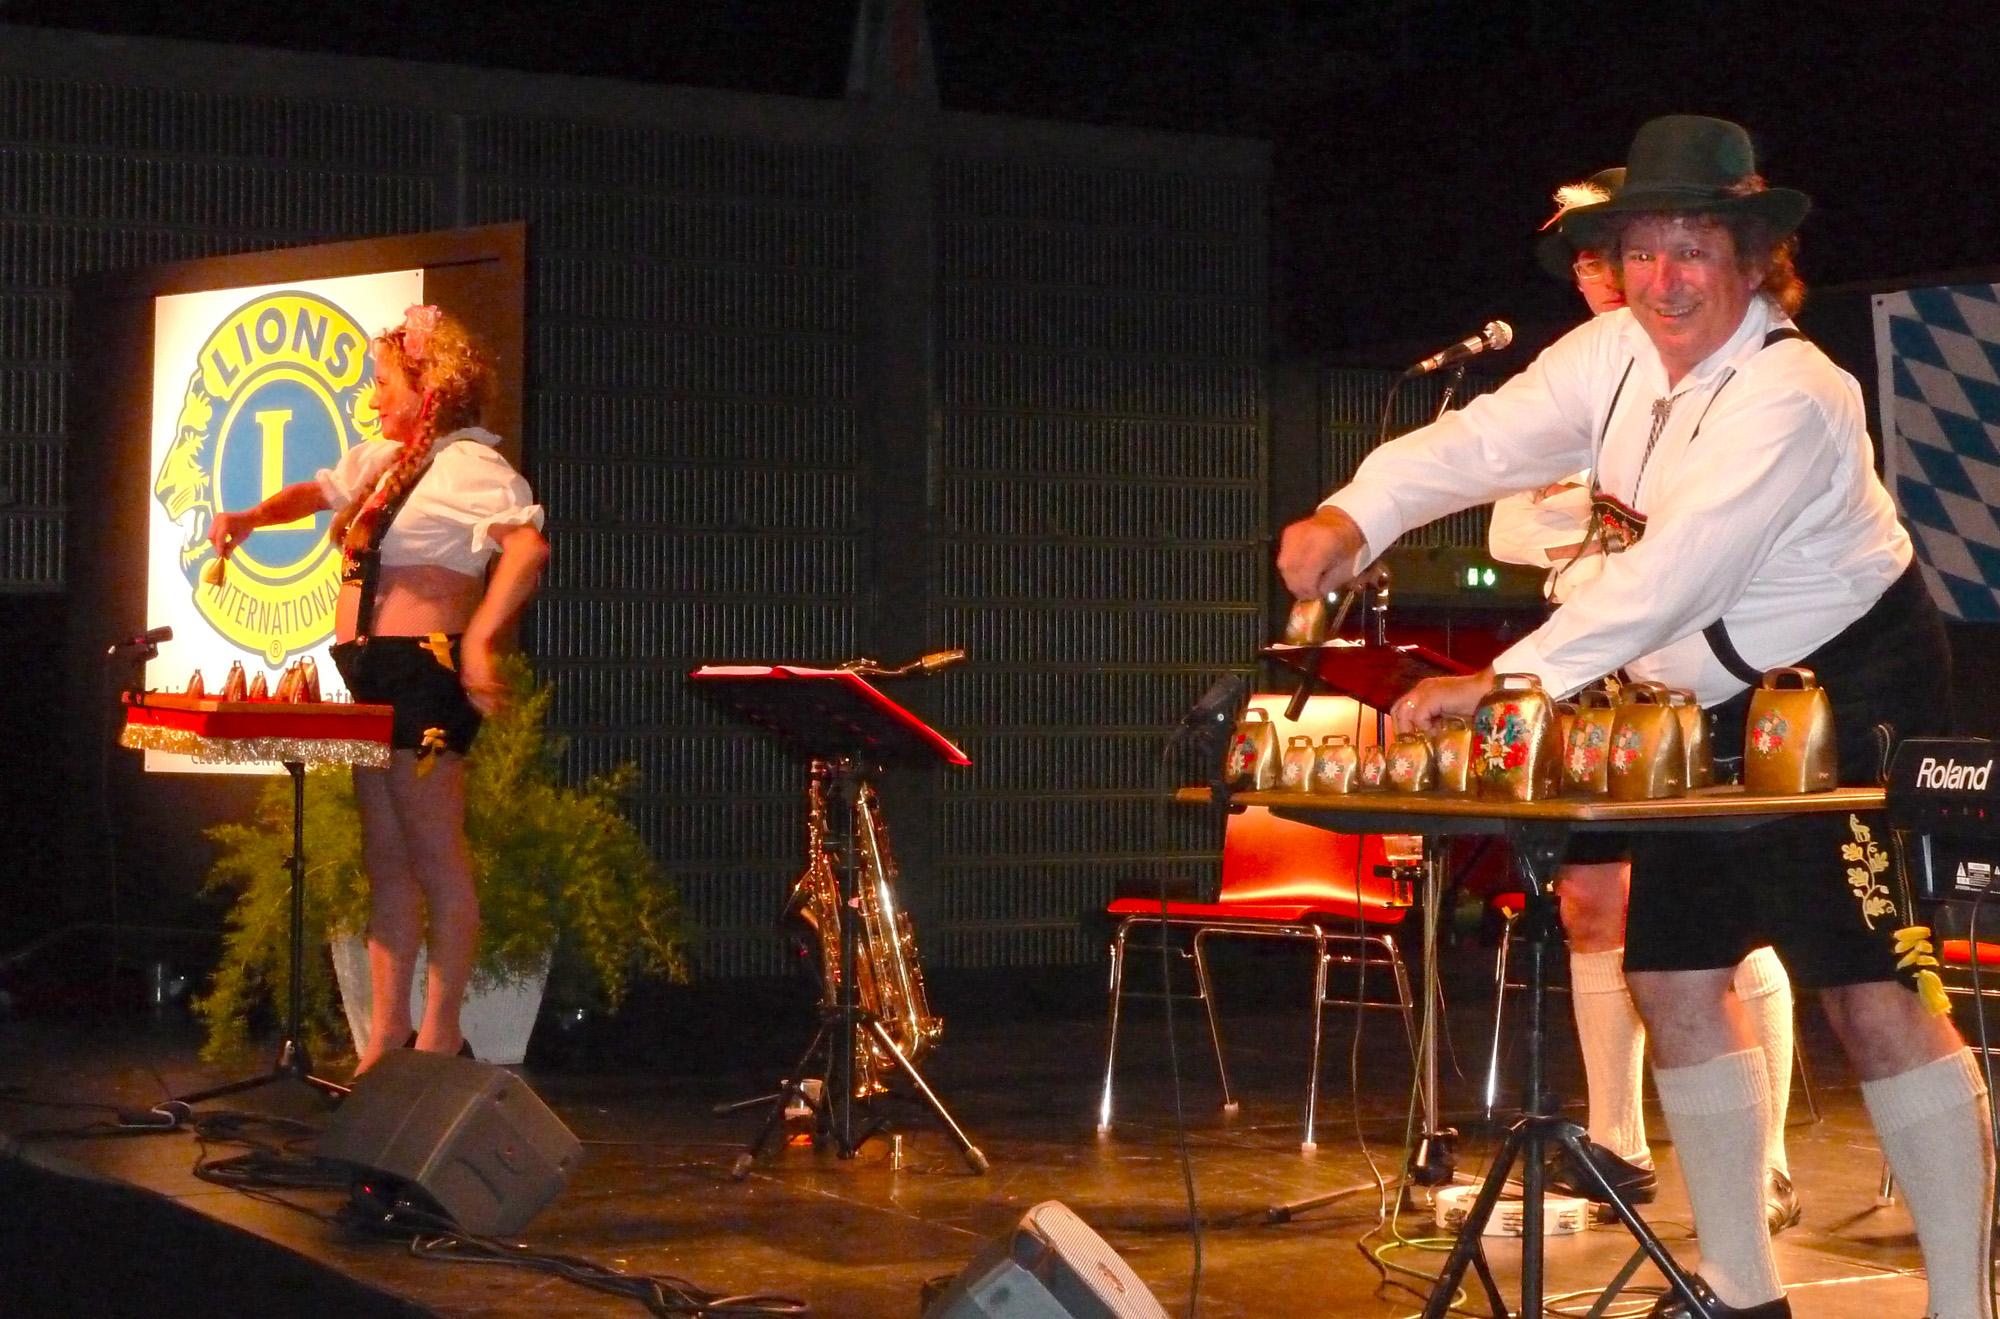 3 Lion's Club Clarines avec orchestre bavarois, Samedi 1er octobre 2011 à Pont à Mousson 54